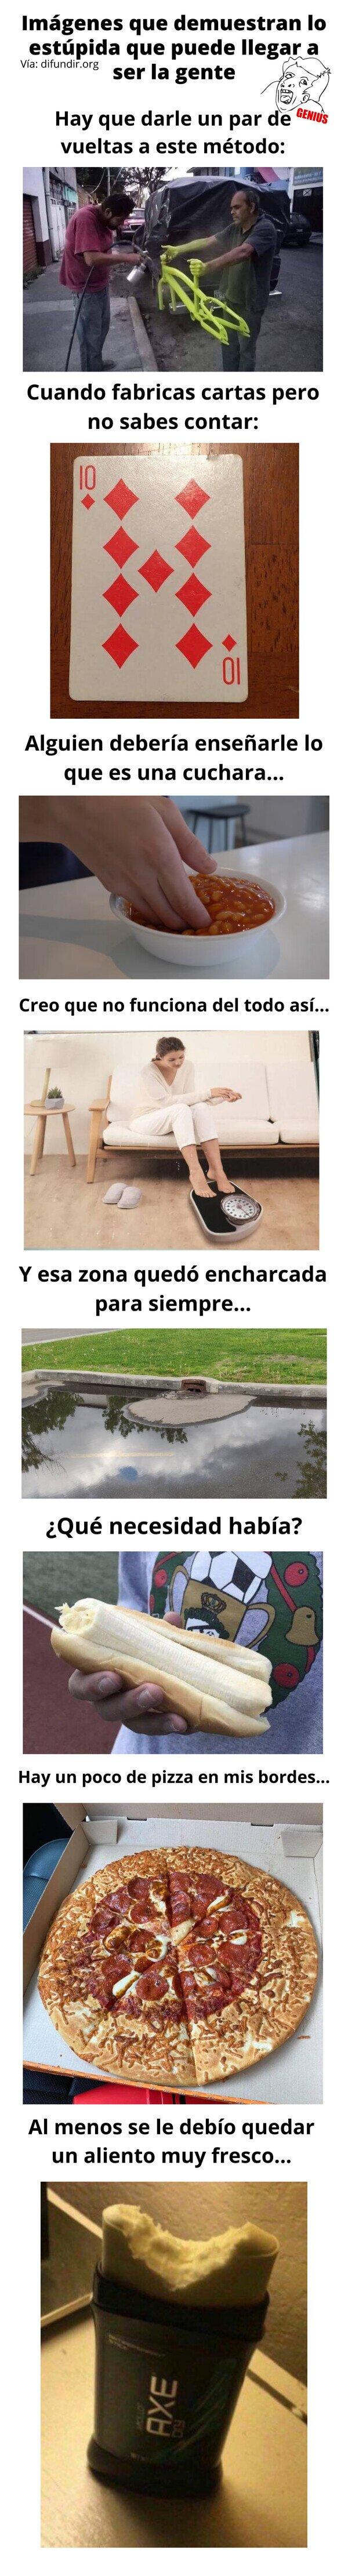 Meme_otros - Imágenes que demuestran lo estúpida que puede llegar a ser la gente